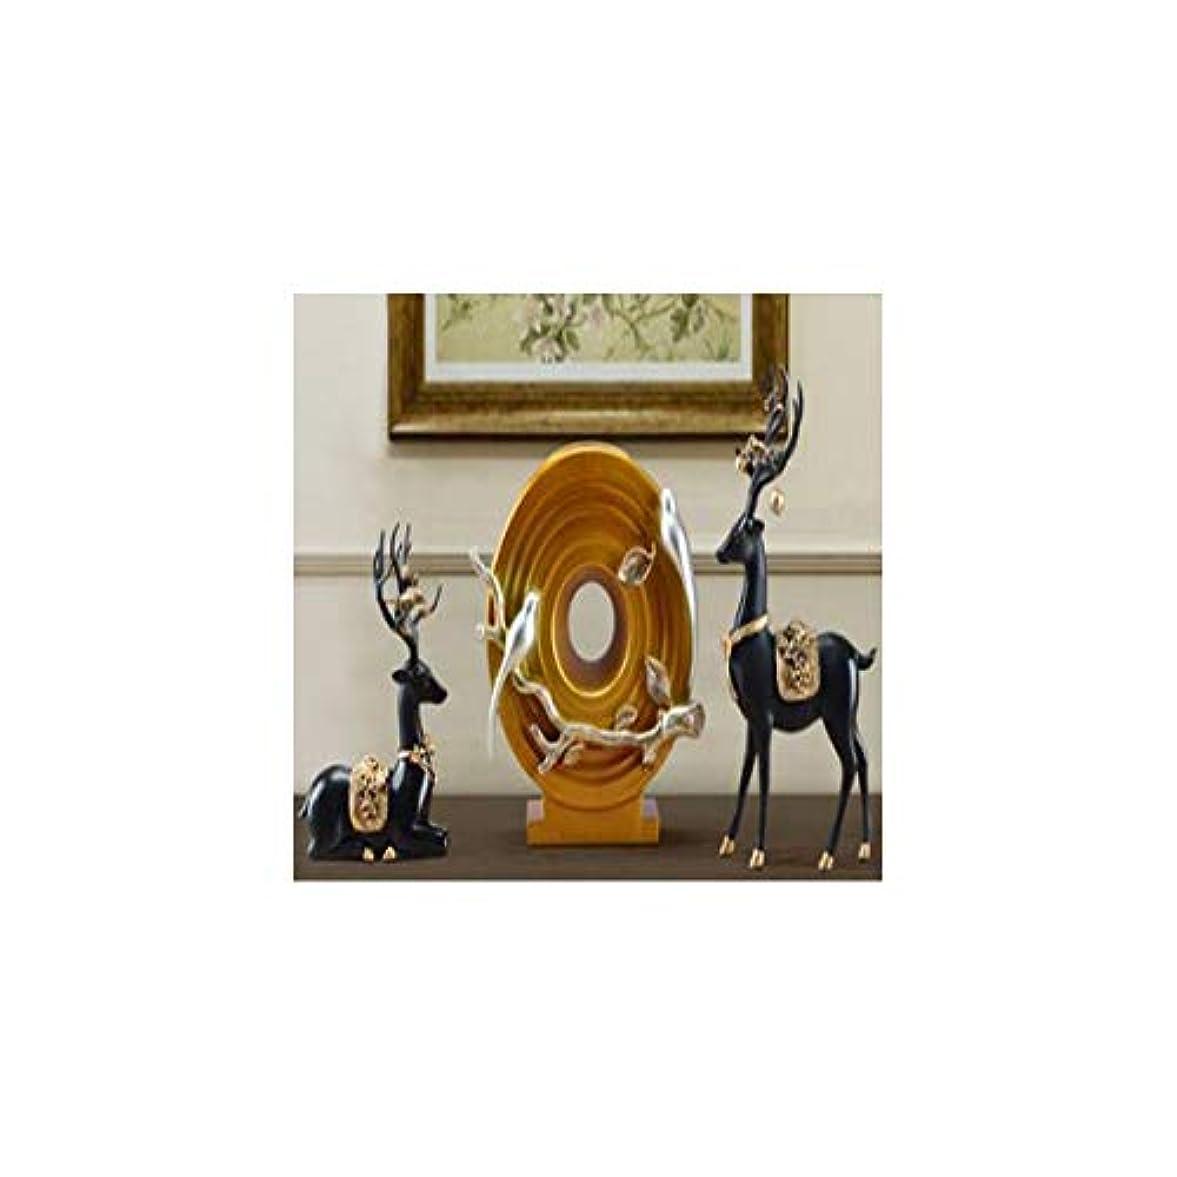 まで幸運な市の中心部Jielongtongxun クリエイティブアメリカン鹿の装飾品花瓶リビングルーム新しい家の結婚式のギフトワインキャビネットテレビキャビネットホームソフト装飾家具,絶妙な飾り (Color : C)